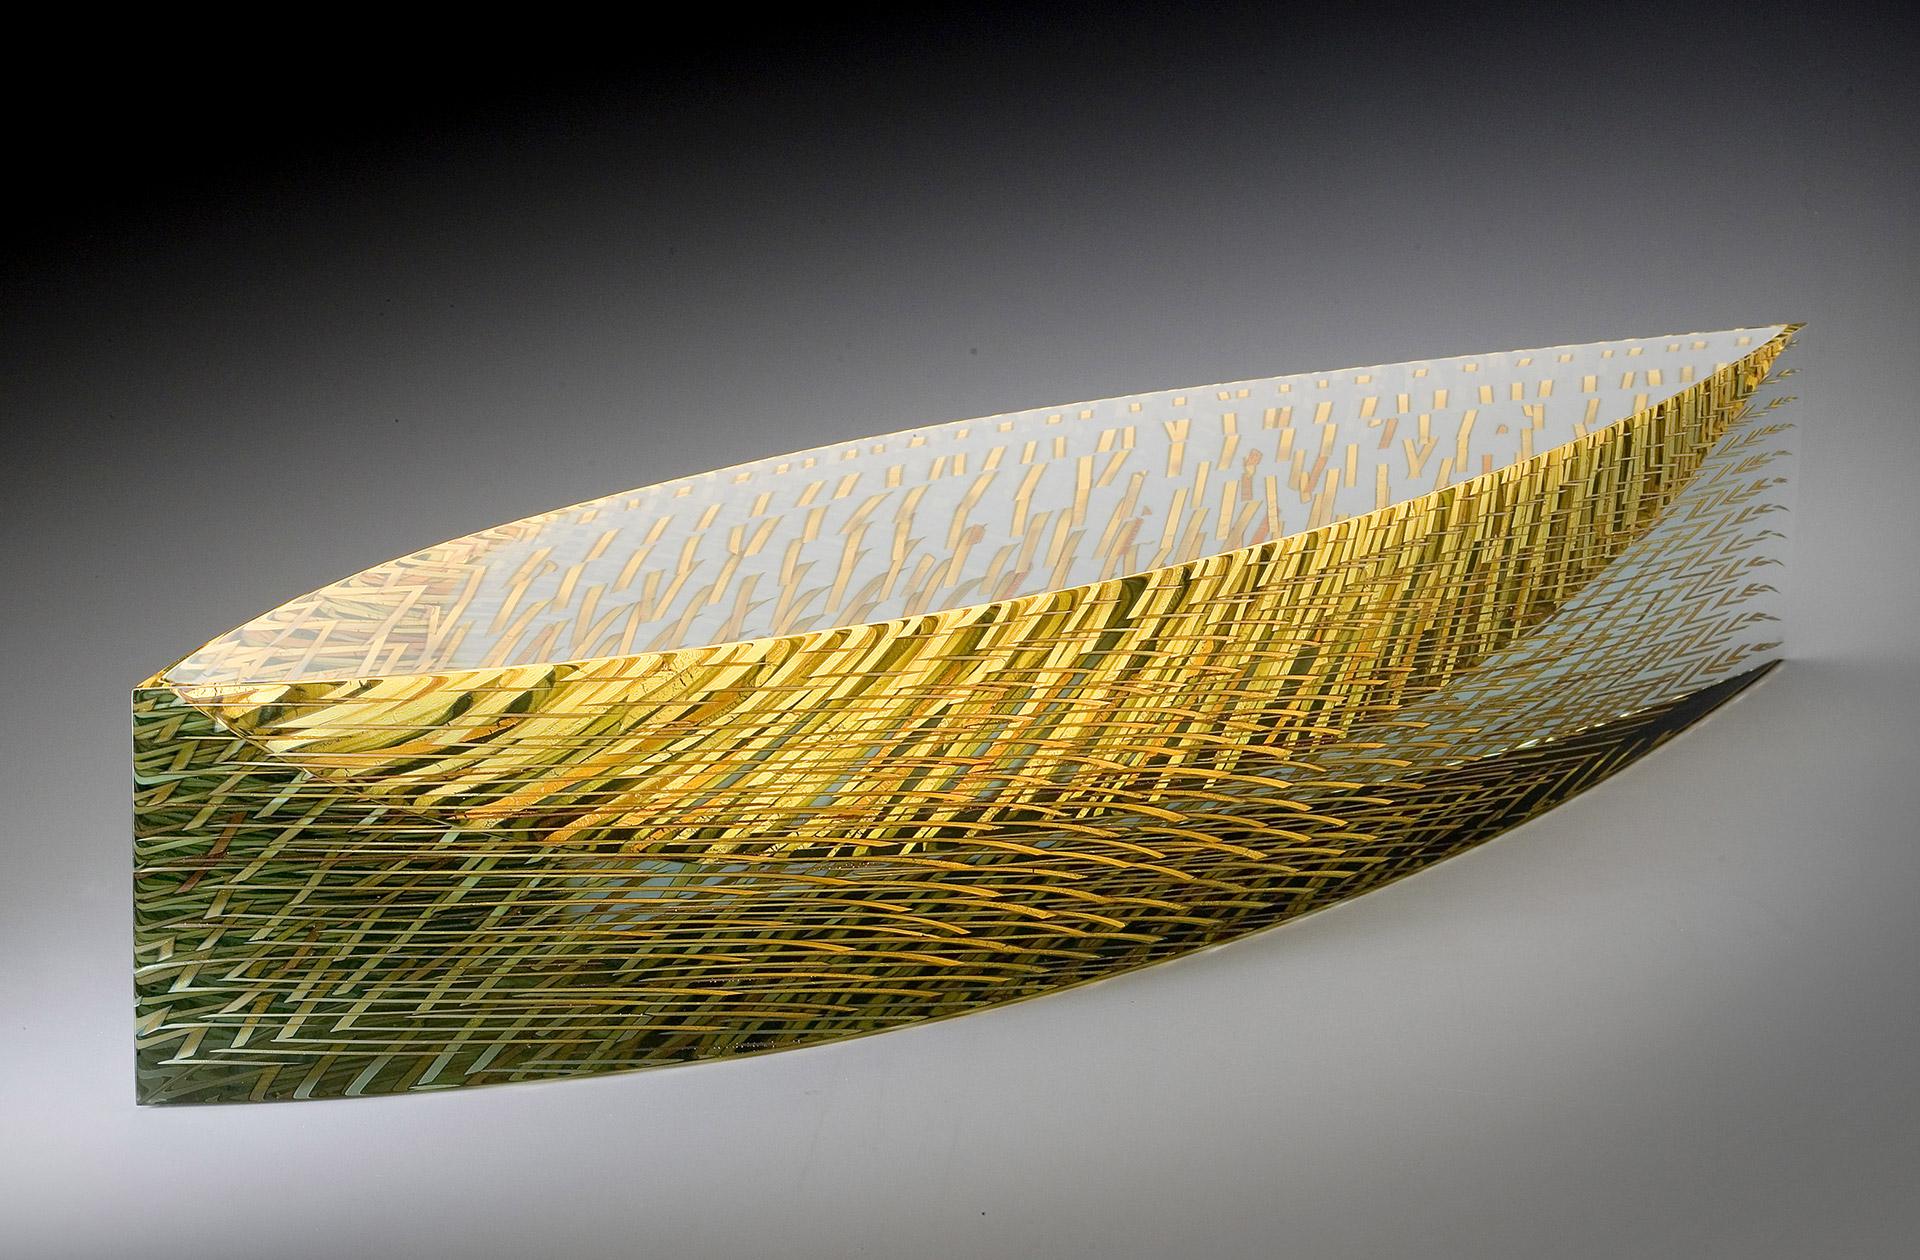 98da7c1ca Svatava, 2008. Glas und Goldstreifen. 13 × 22 × 62 cm.